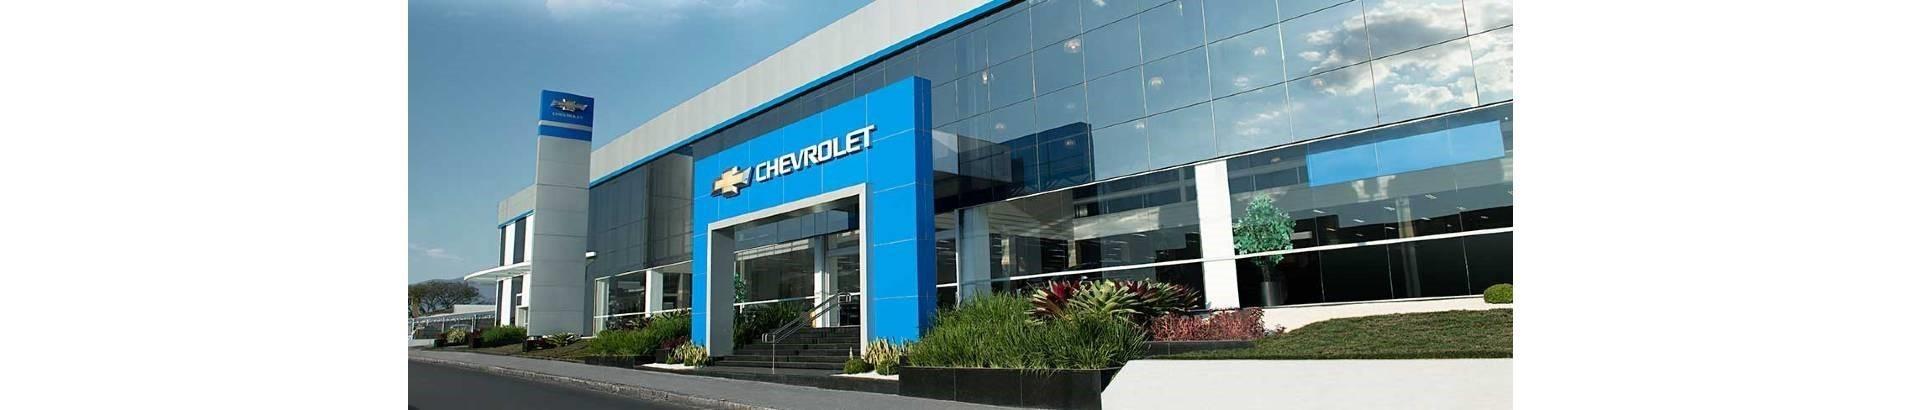 Chevrolet Gemsa Santiago del Estero